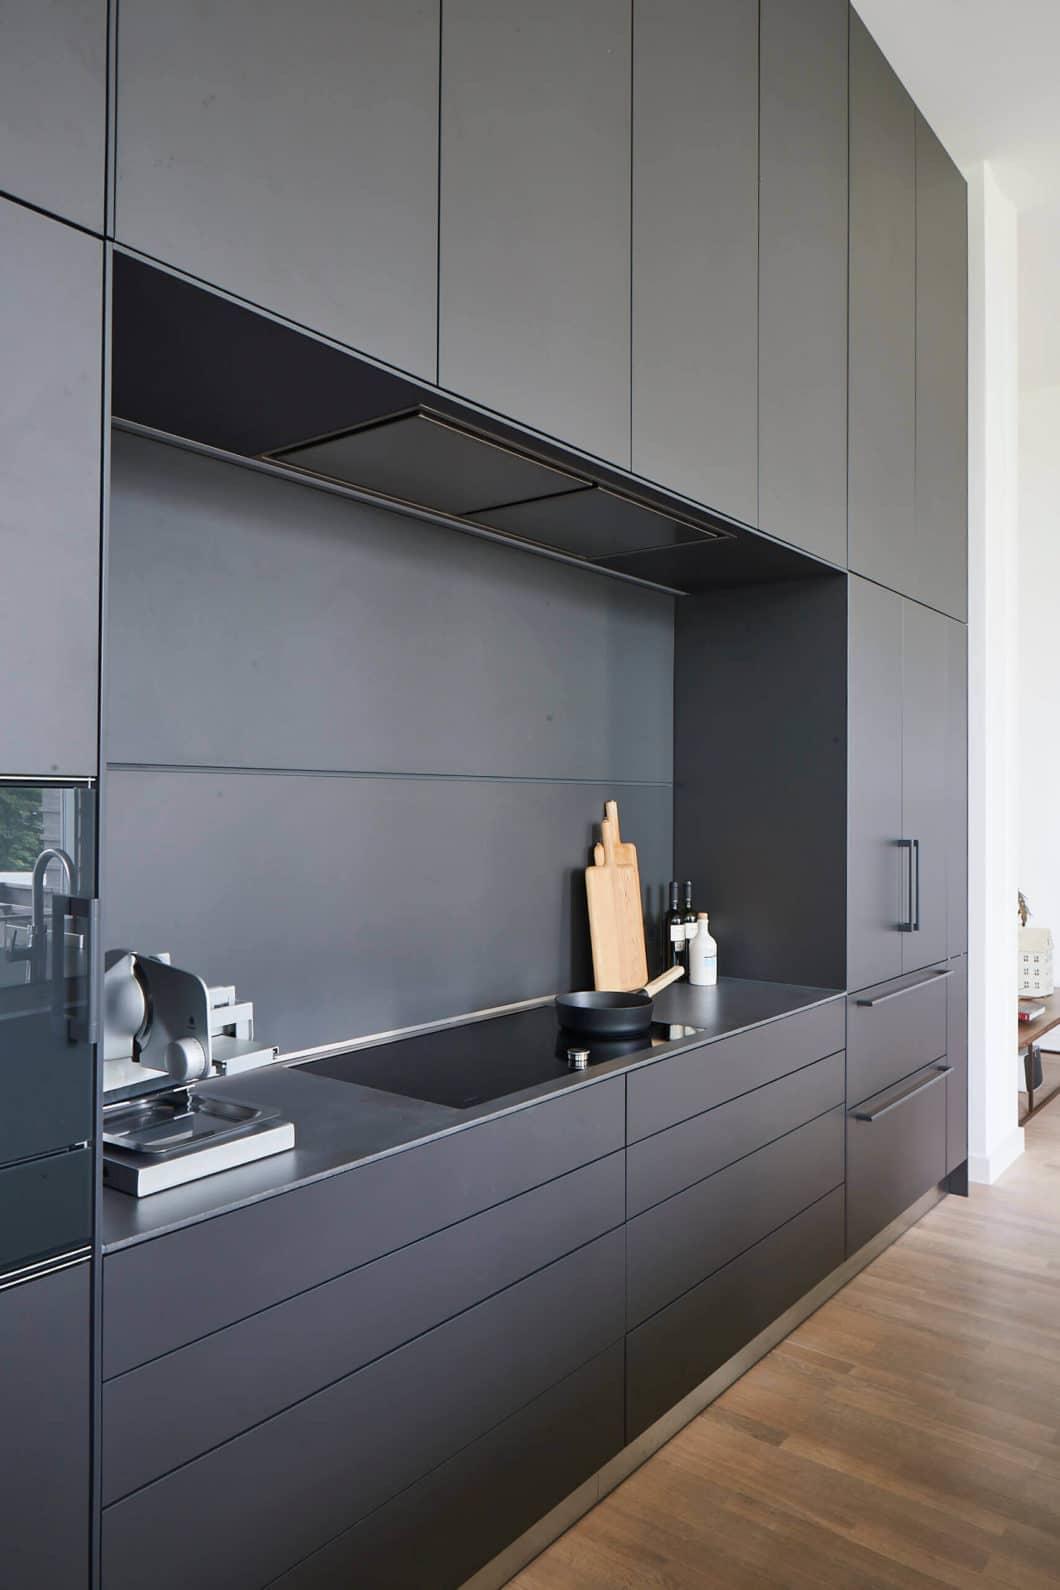 Der anspruchsvolle Küchenplan musste es mit einer meterhohen Decke und imposanten Raumverhältnissen aufnehmen. Der bodenlange Korpus wird durch eine feine architektonische Symmetrie strukturiert. (Foto: Volker Renner/ KAH Hamburg)